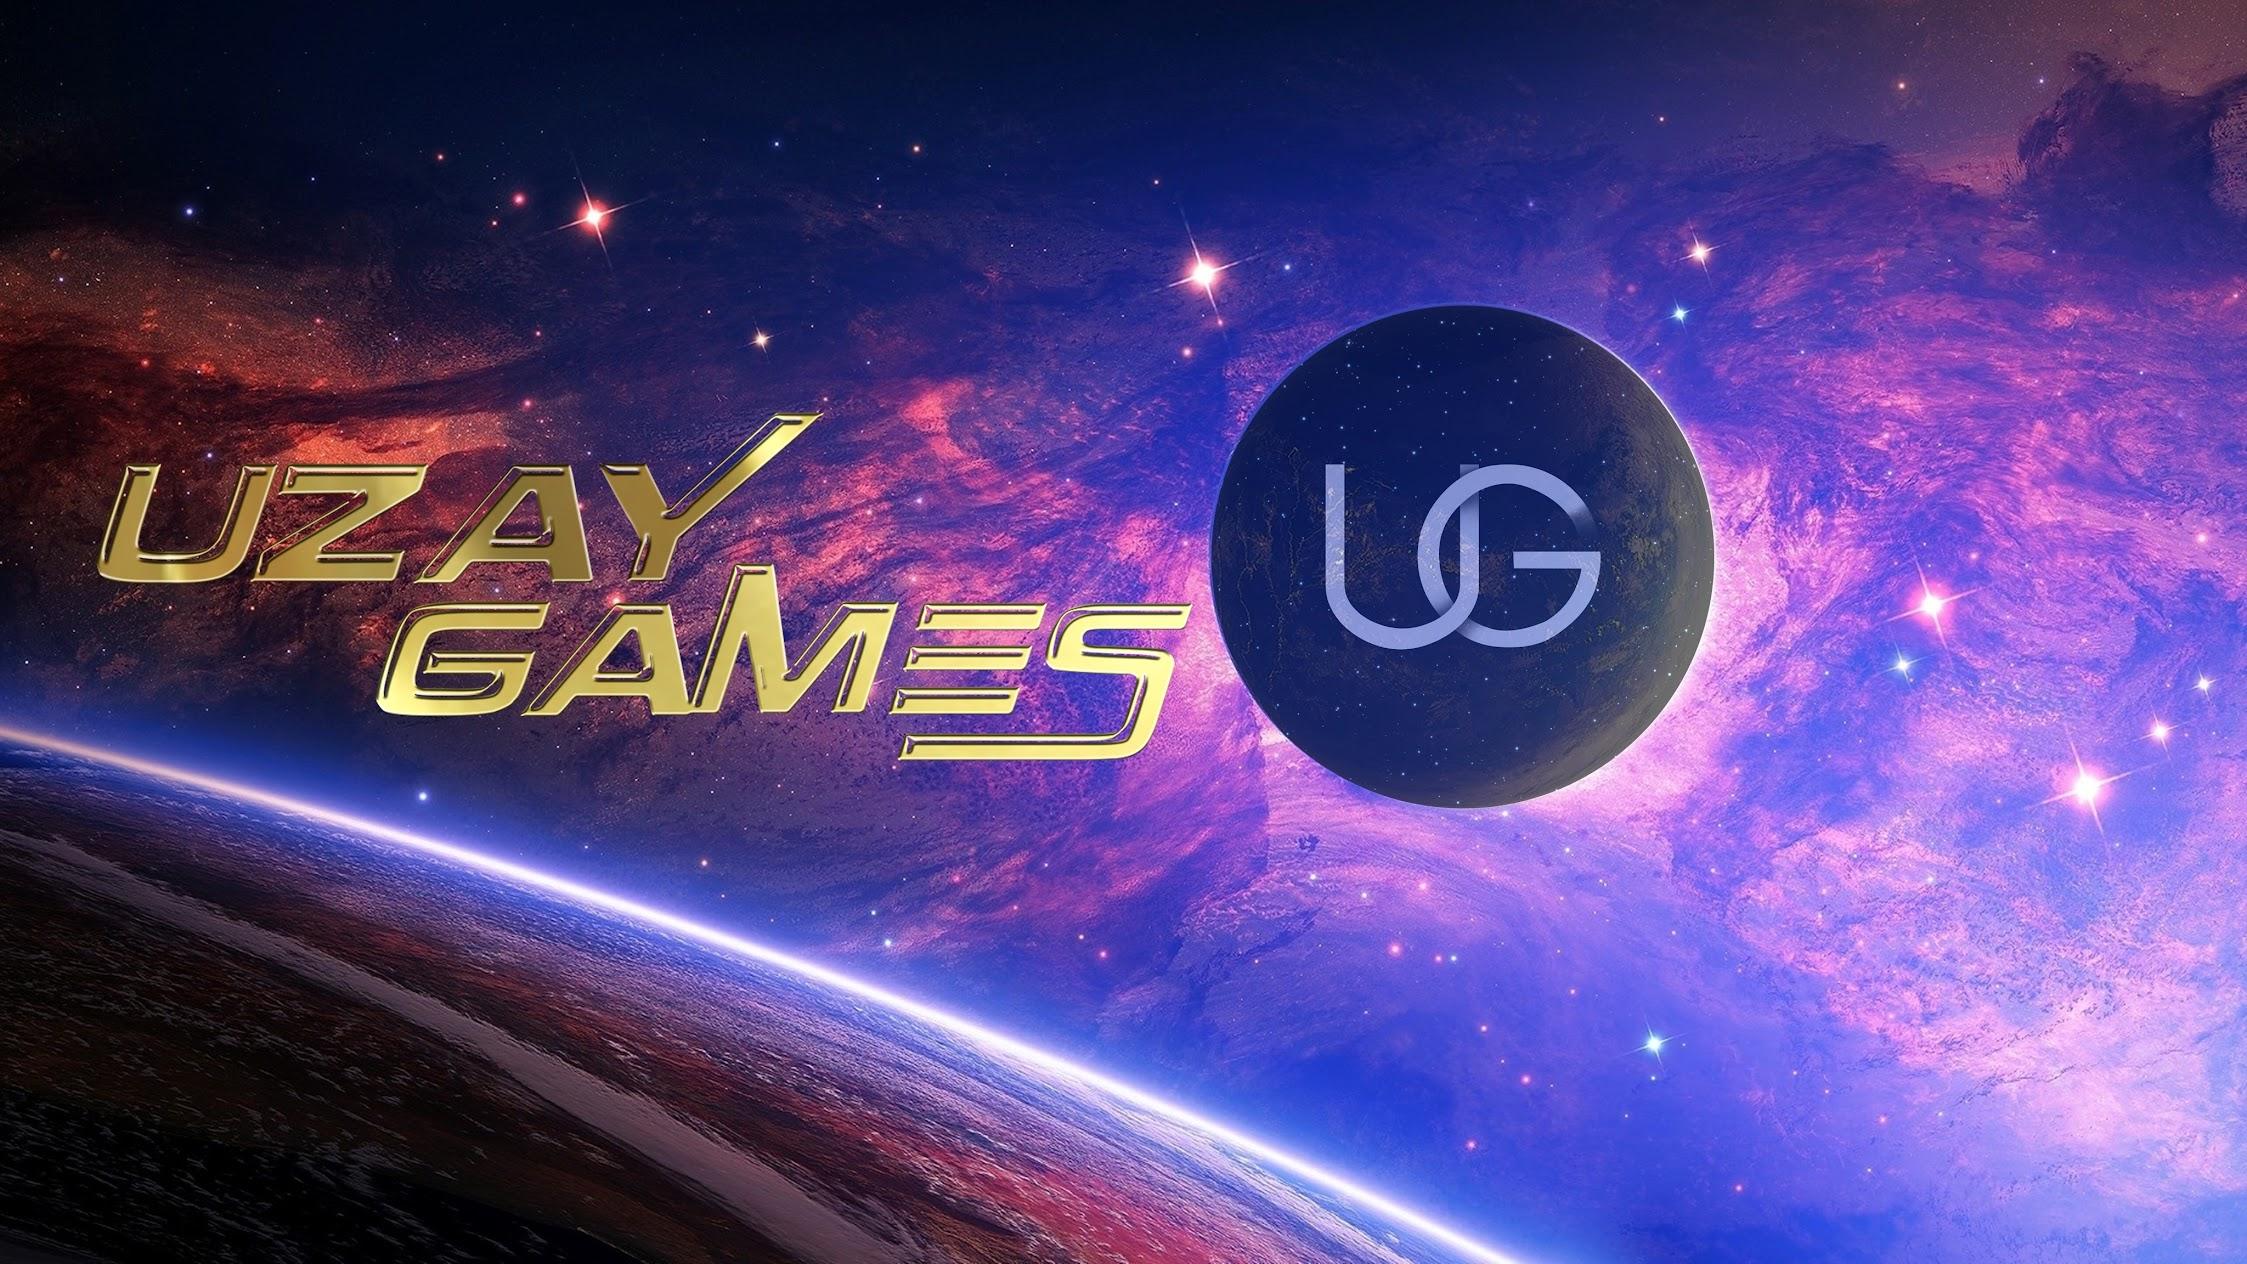 UzayGames